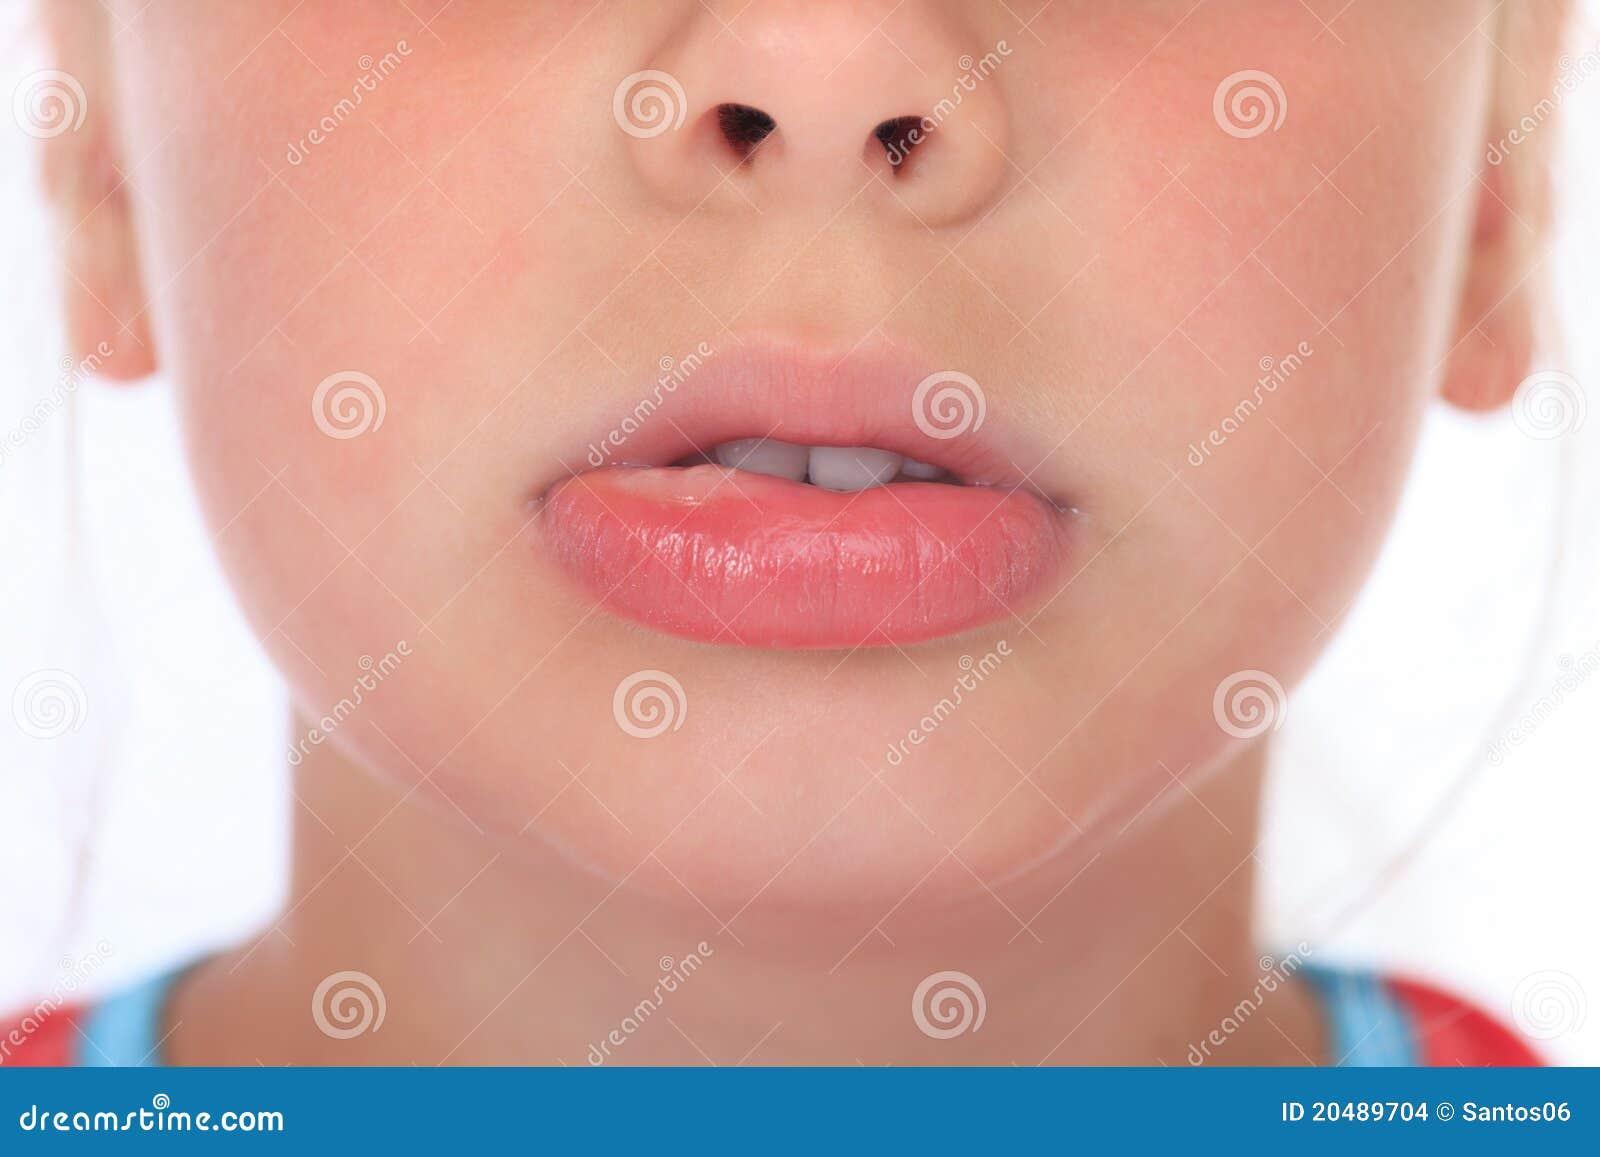 Labio hinchado después de la picadura de la avispa